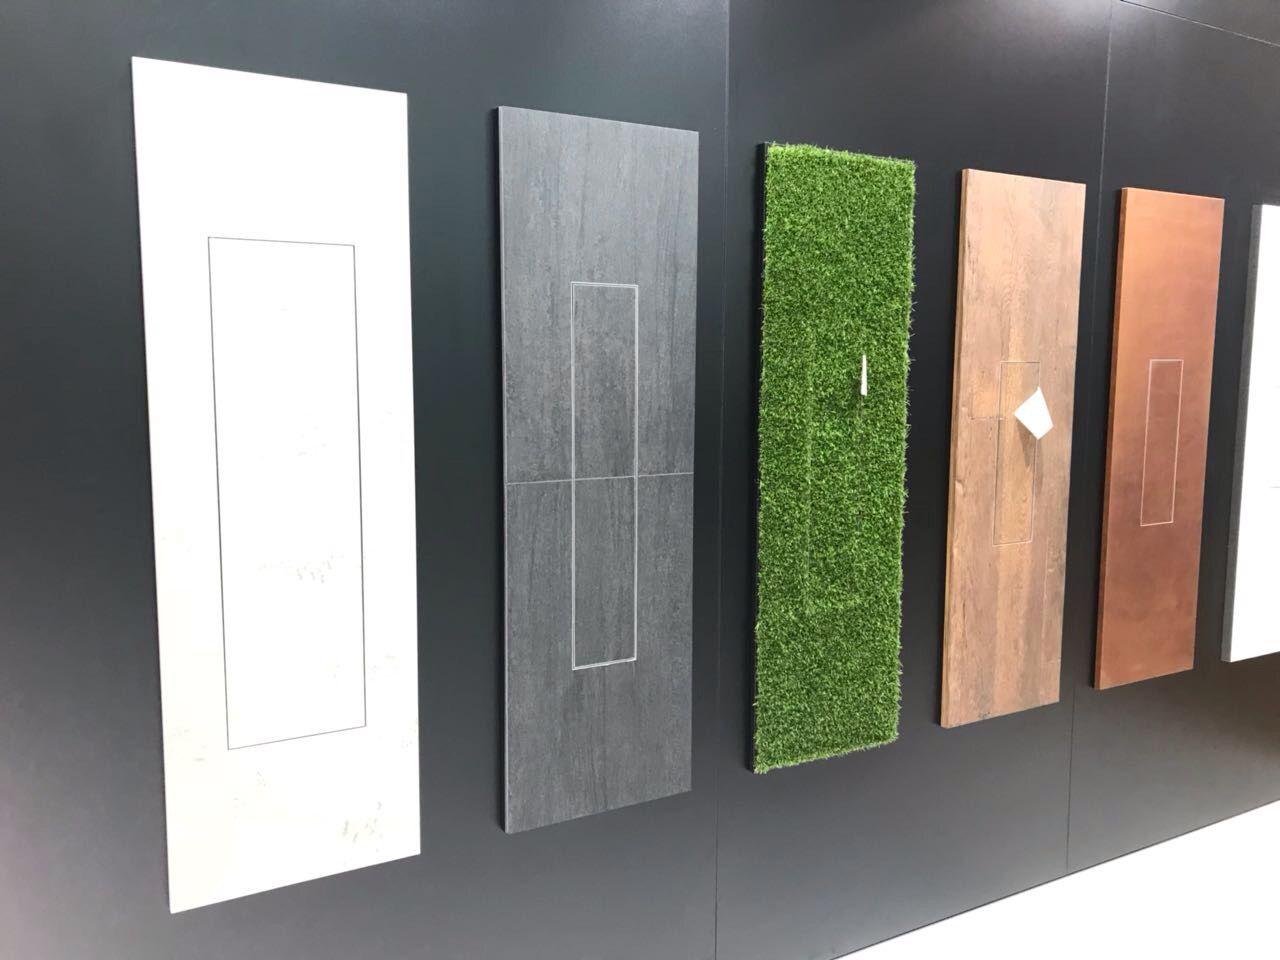 5 x 4 badezimmerdesigns badtrends   technologie  pinterest